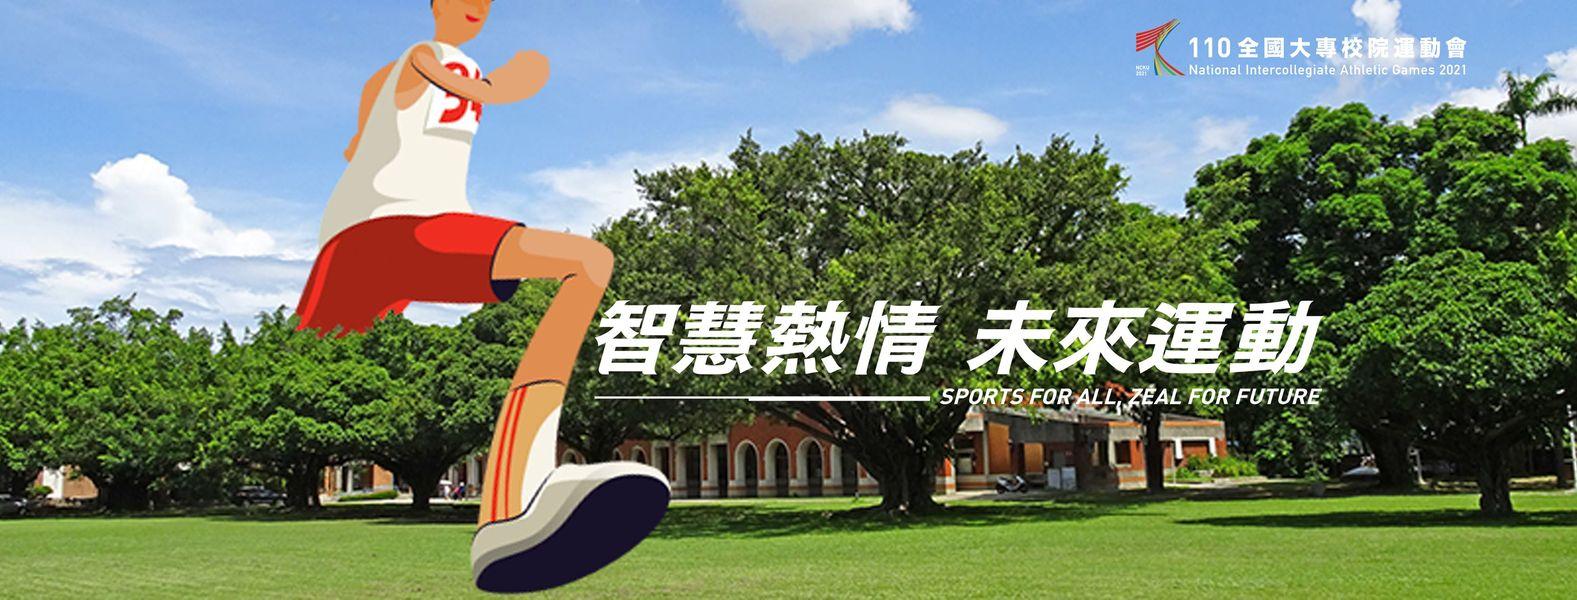 臺南古蹟為全大運選手加油打氣